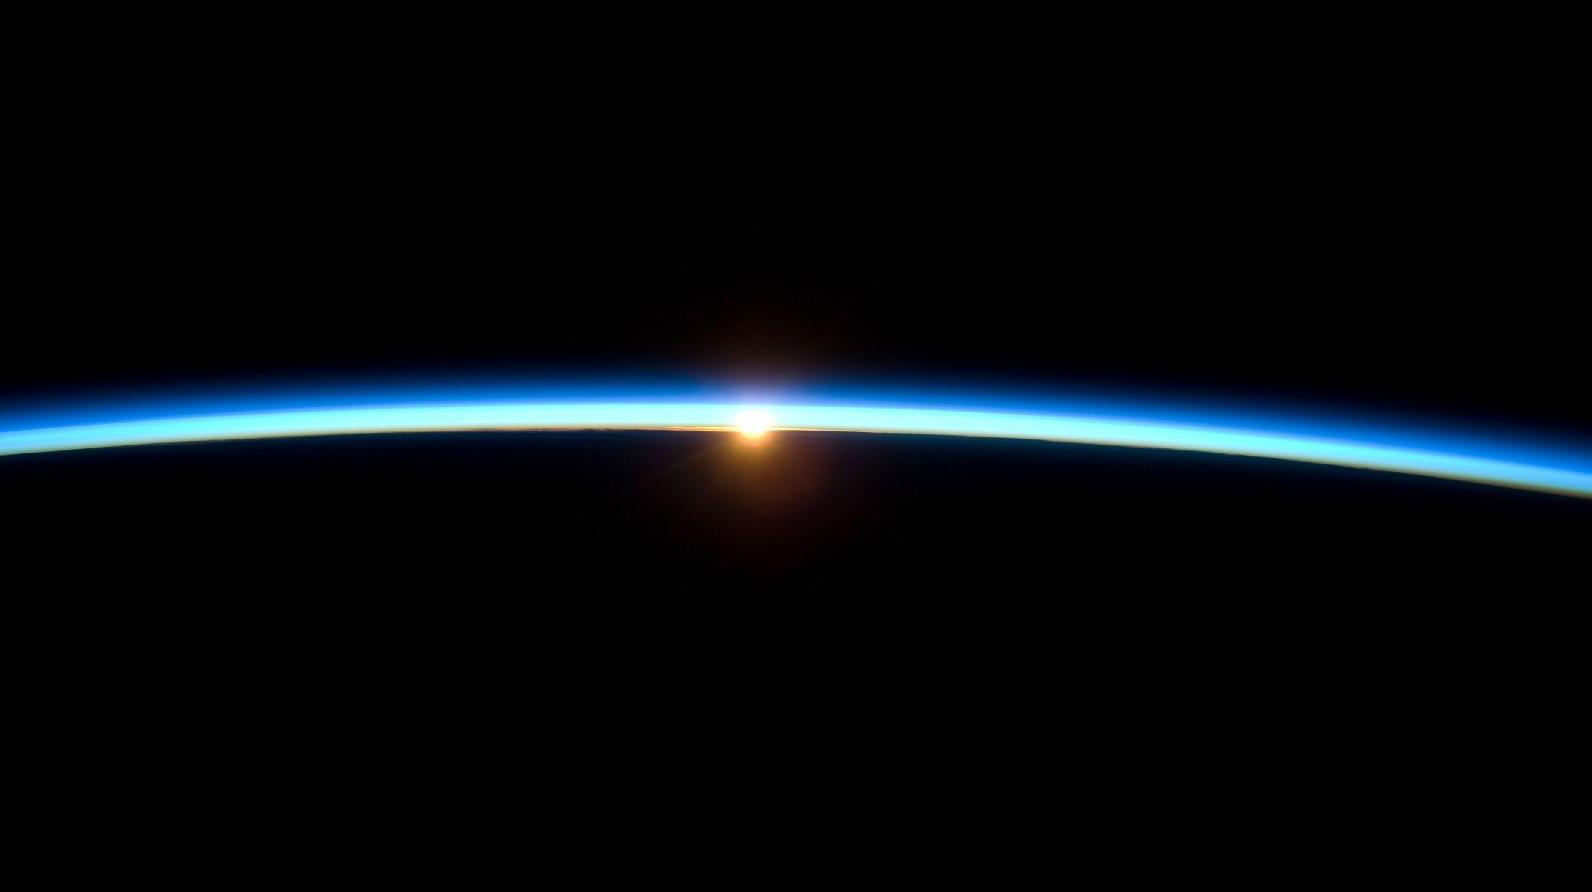 Linia fină a atmosferei terestre şi soarele la apus.